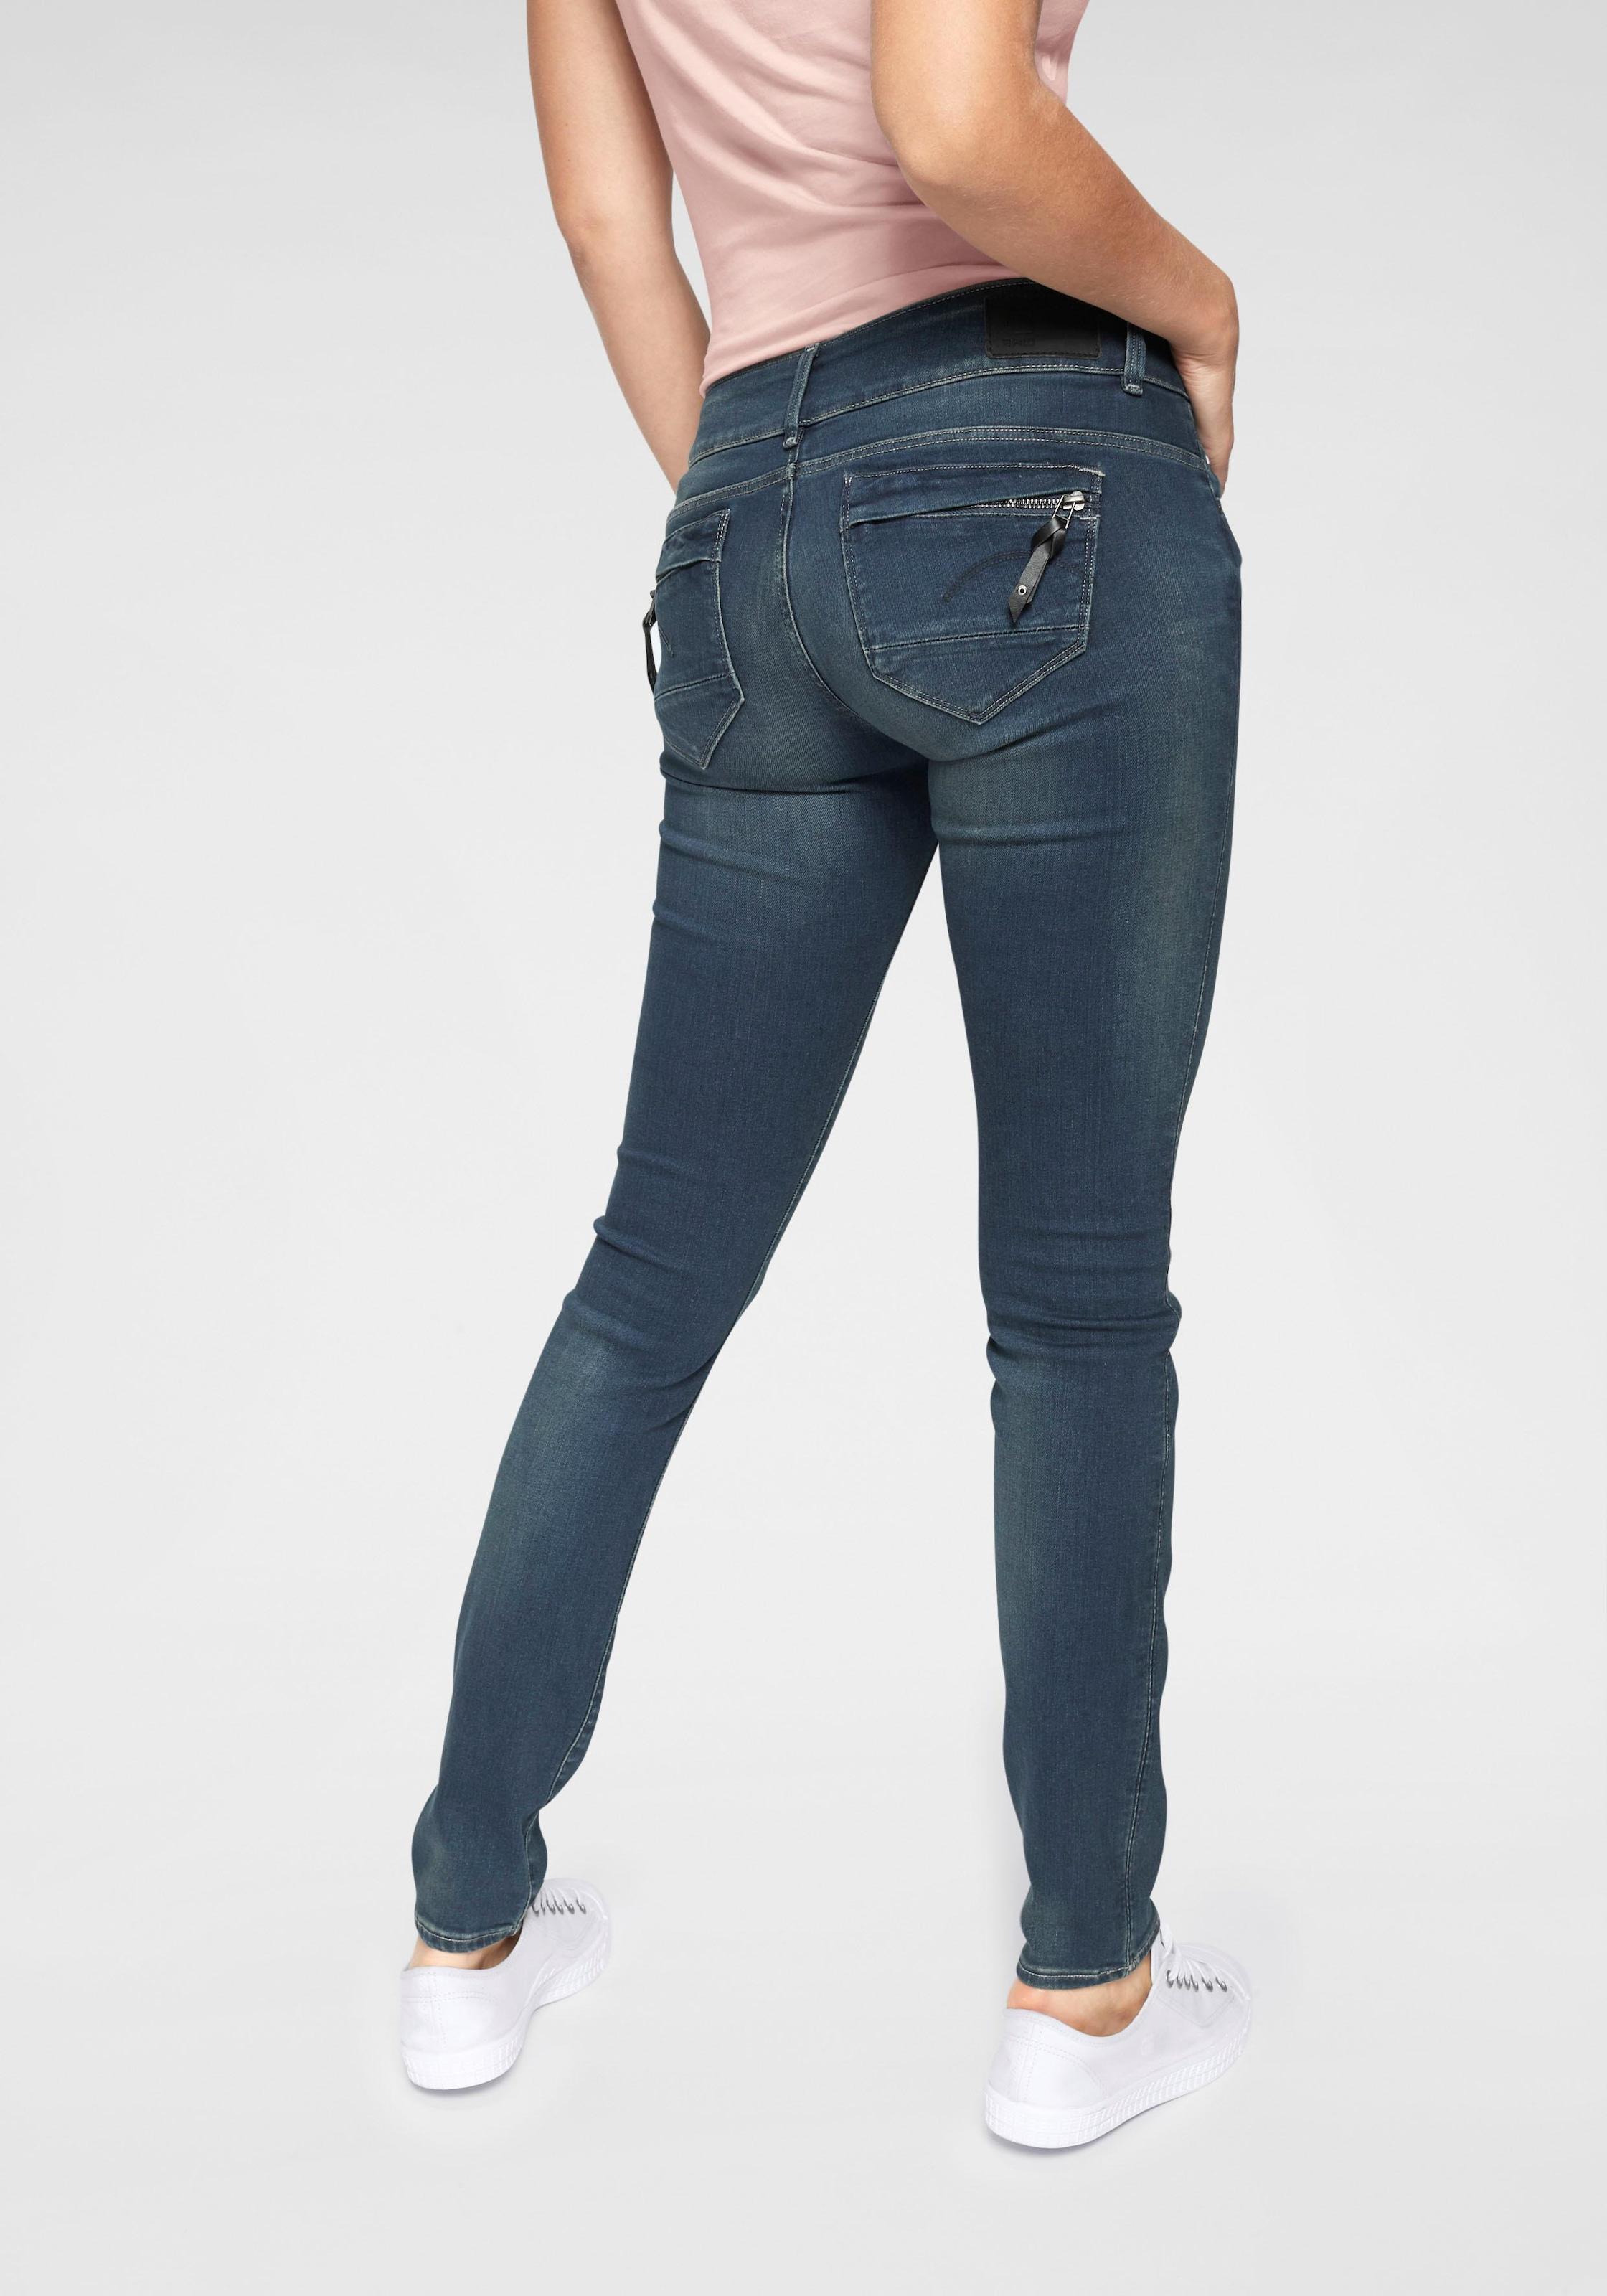 G Star RAW Skinny fit Jeans »Midge Cody Mid Skinny Wmn« Winter 2020